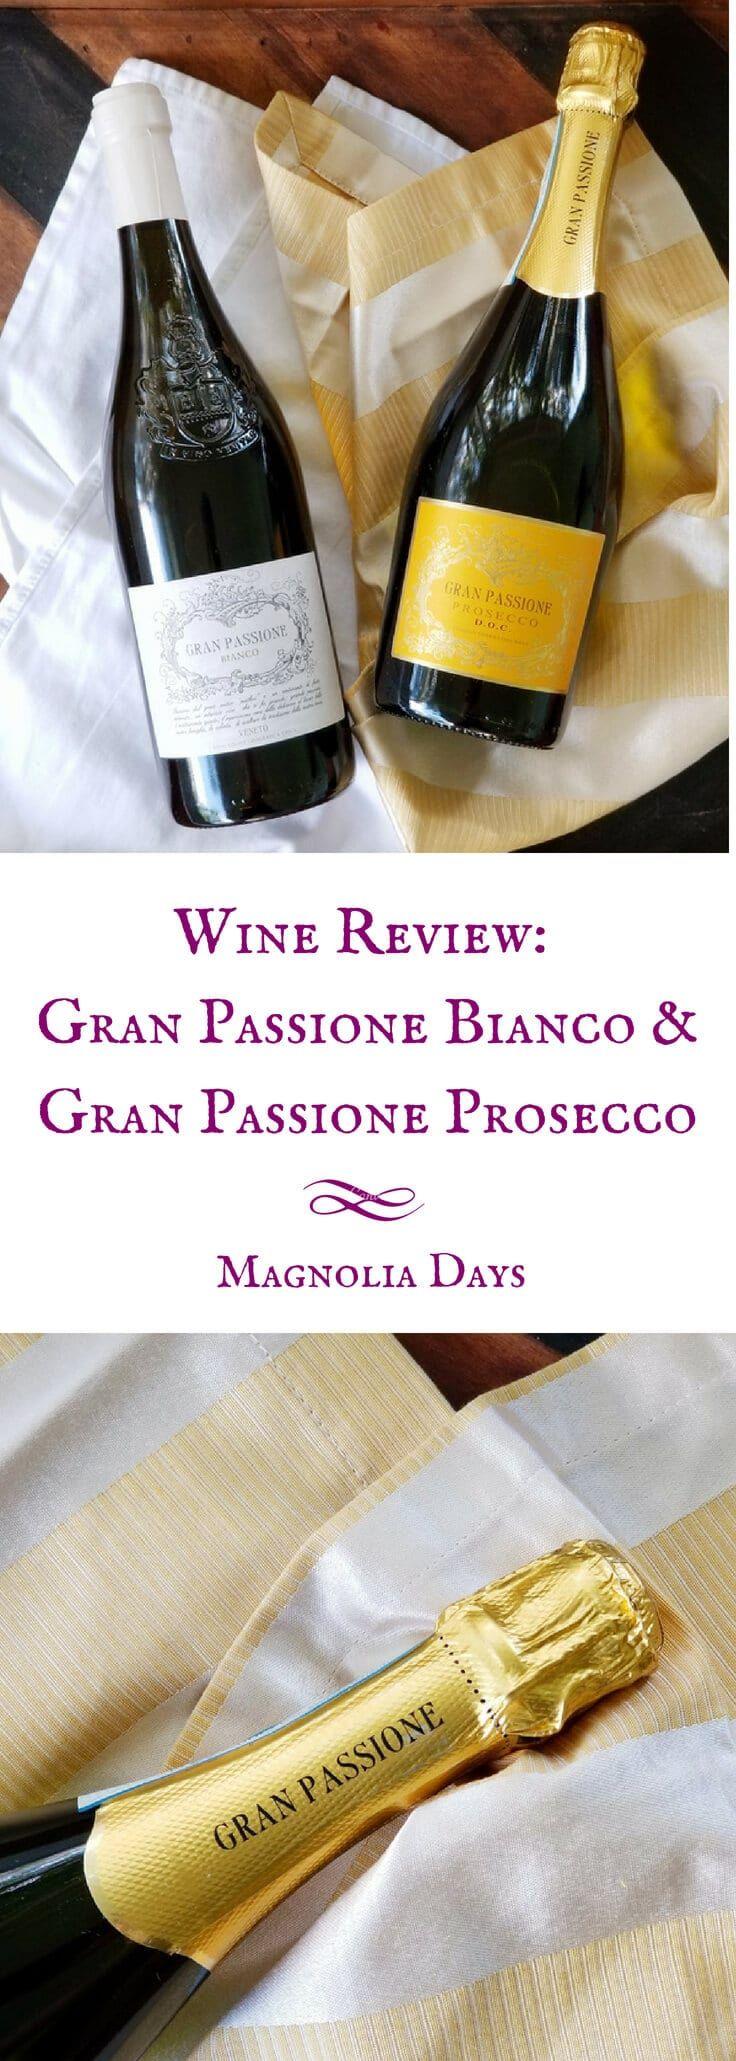 Gran Passione Bianco and Prosecco Wine Review | Magnolia Days Wine